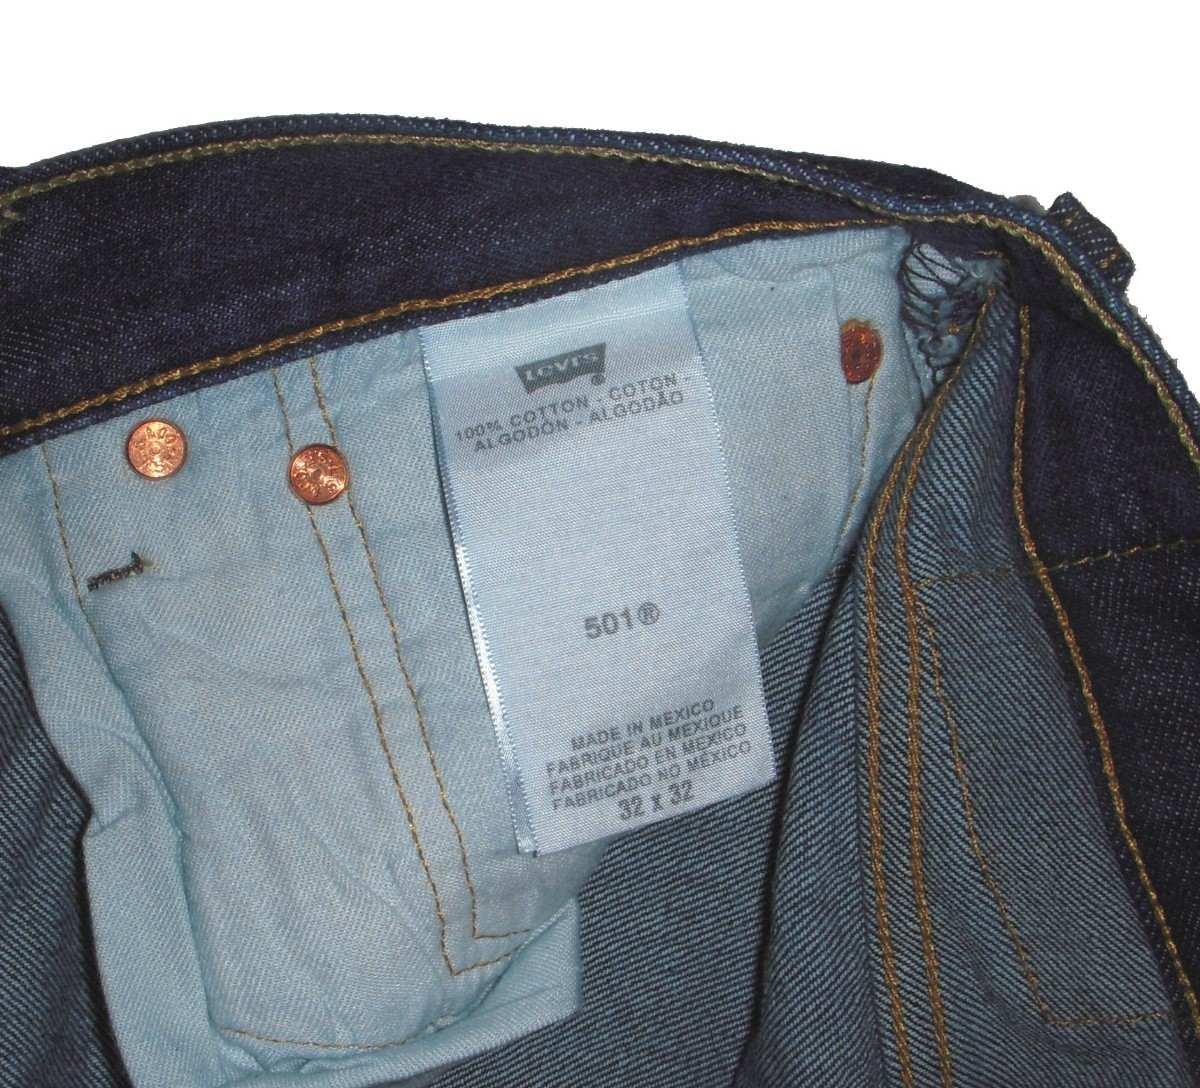 Importados Originales Talles 38 40 Y 501 Nuevos Jeans Levi´s eDH92WIEY